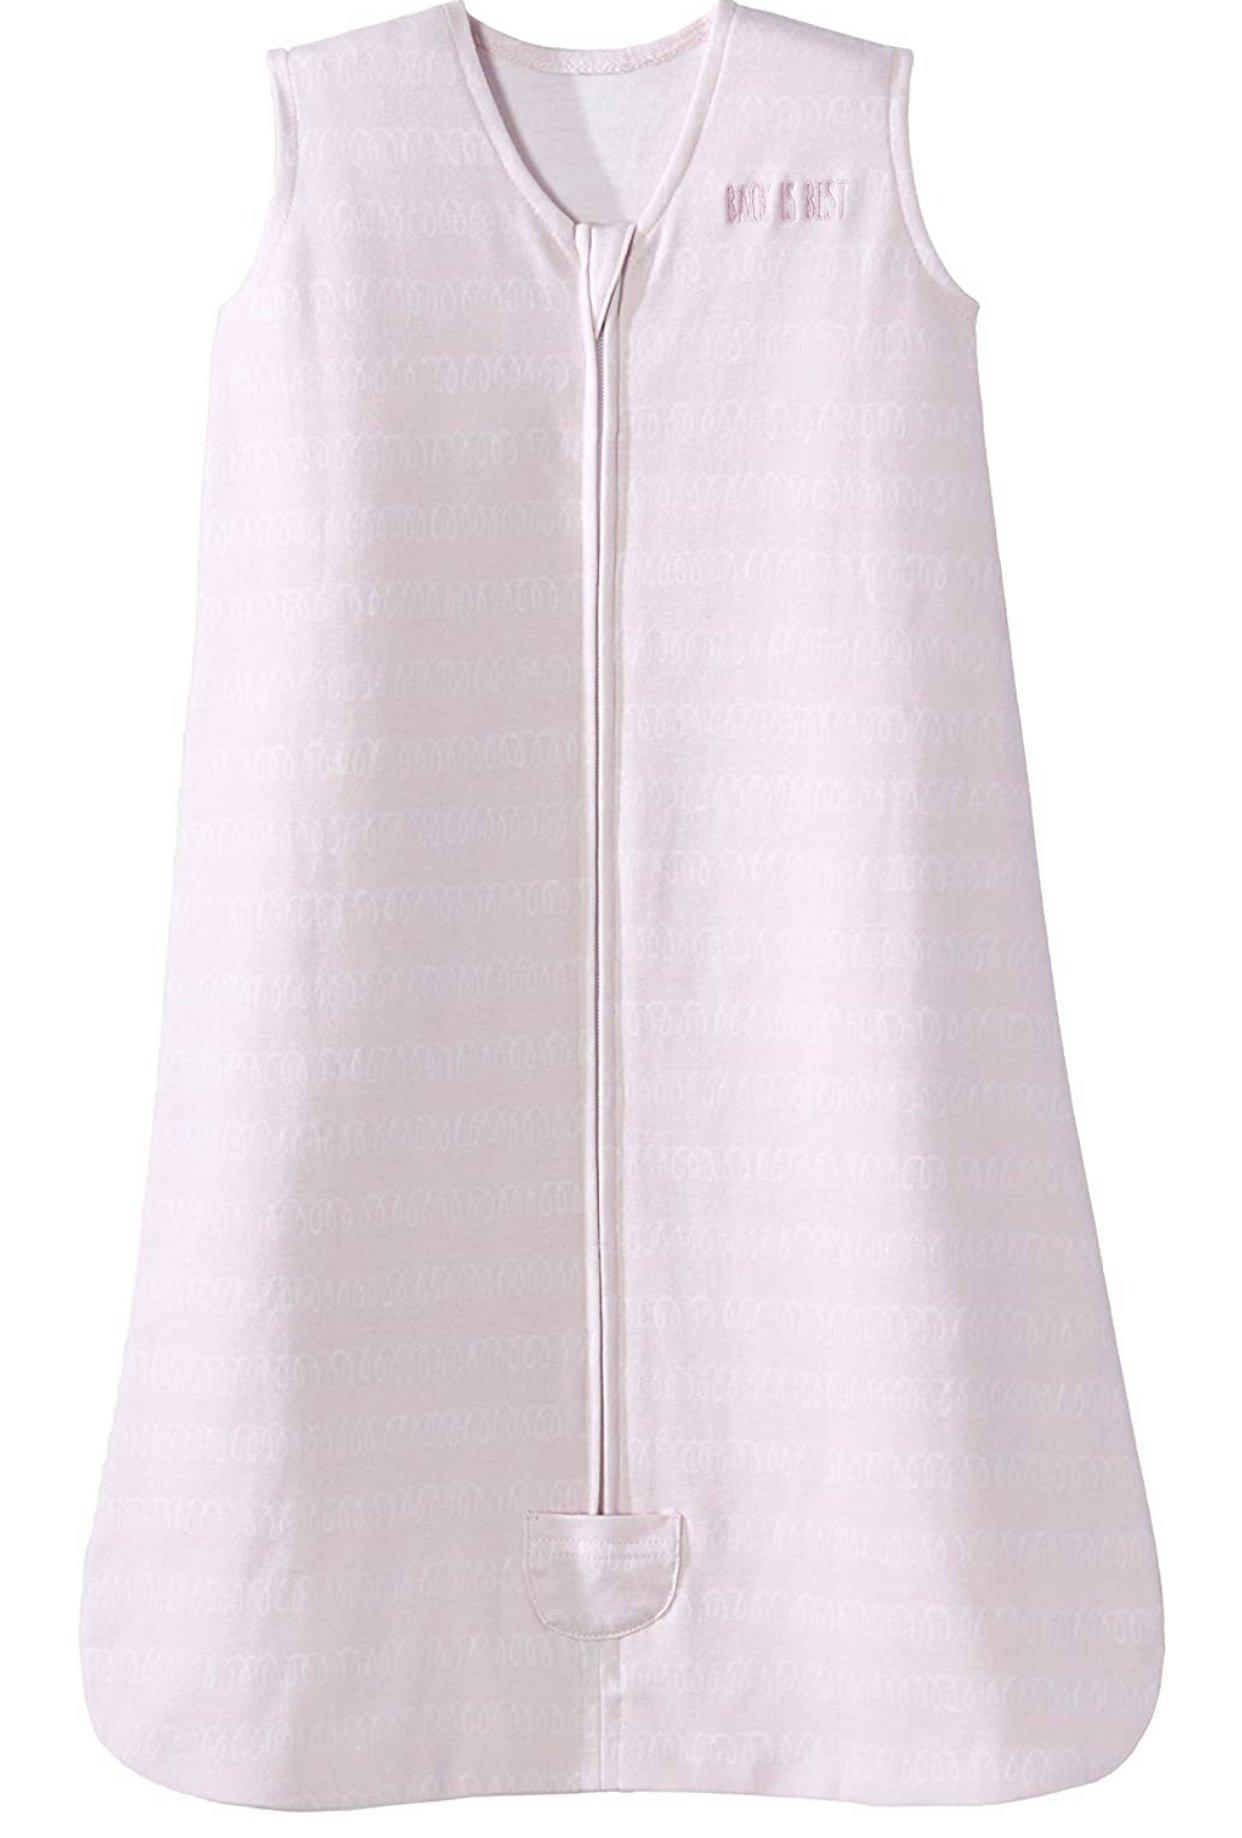 halo sleep sack pink